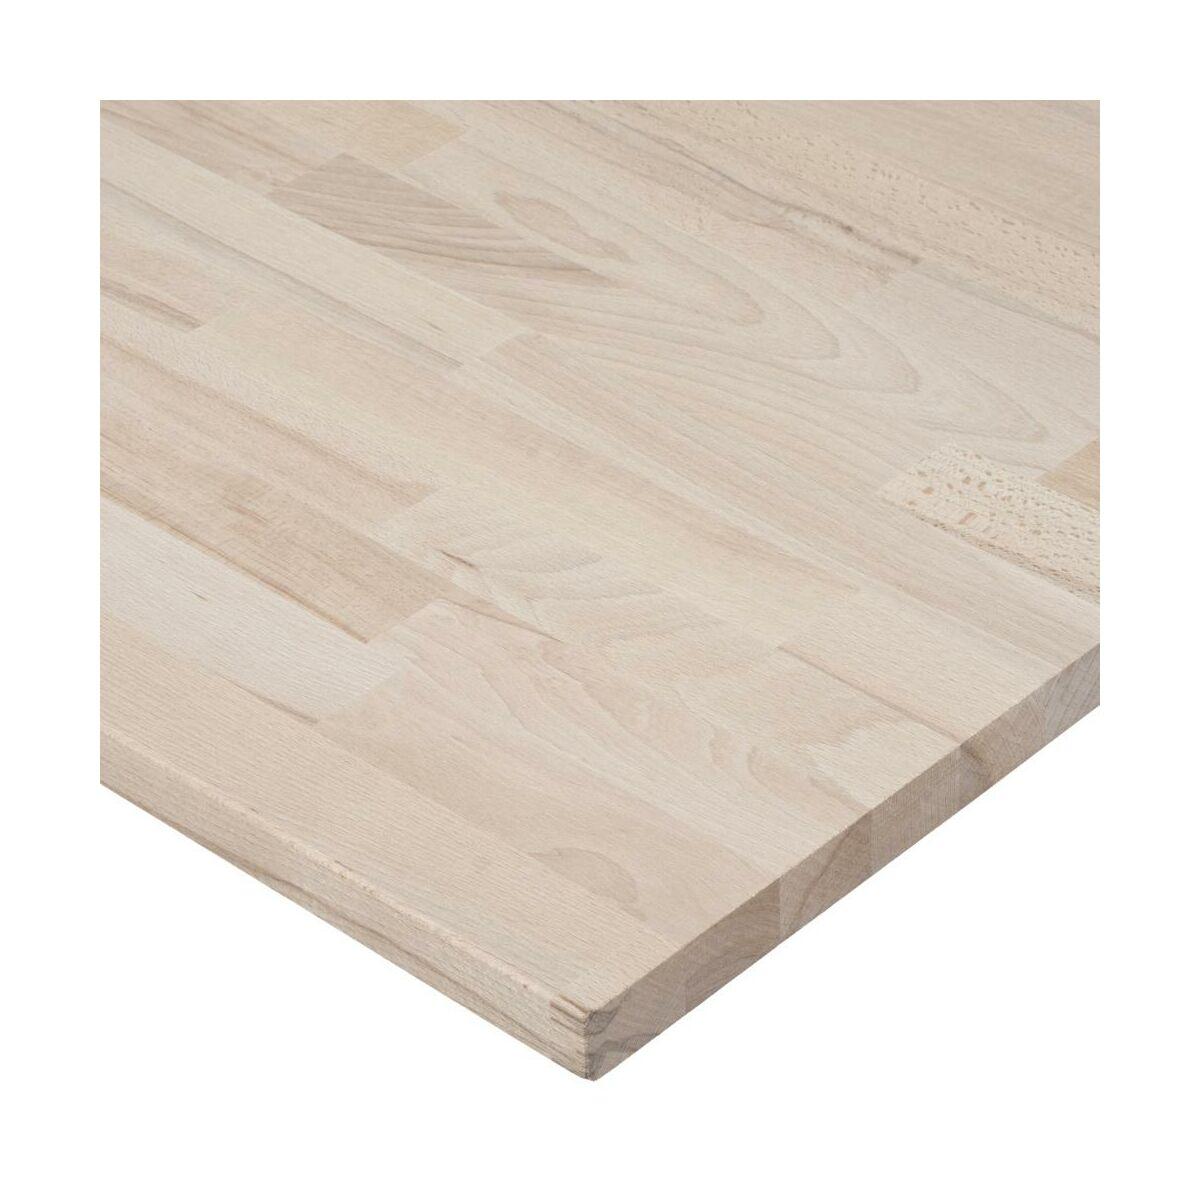 Blat Kuchenny Stolowy Drewniany Buk 90 Cm Pphu Extrans Blaty Drewniane W Atrakcyjnej Cenie W Sklepach Leroy Merlin